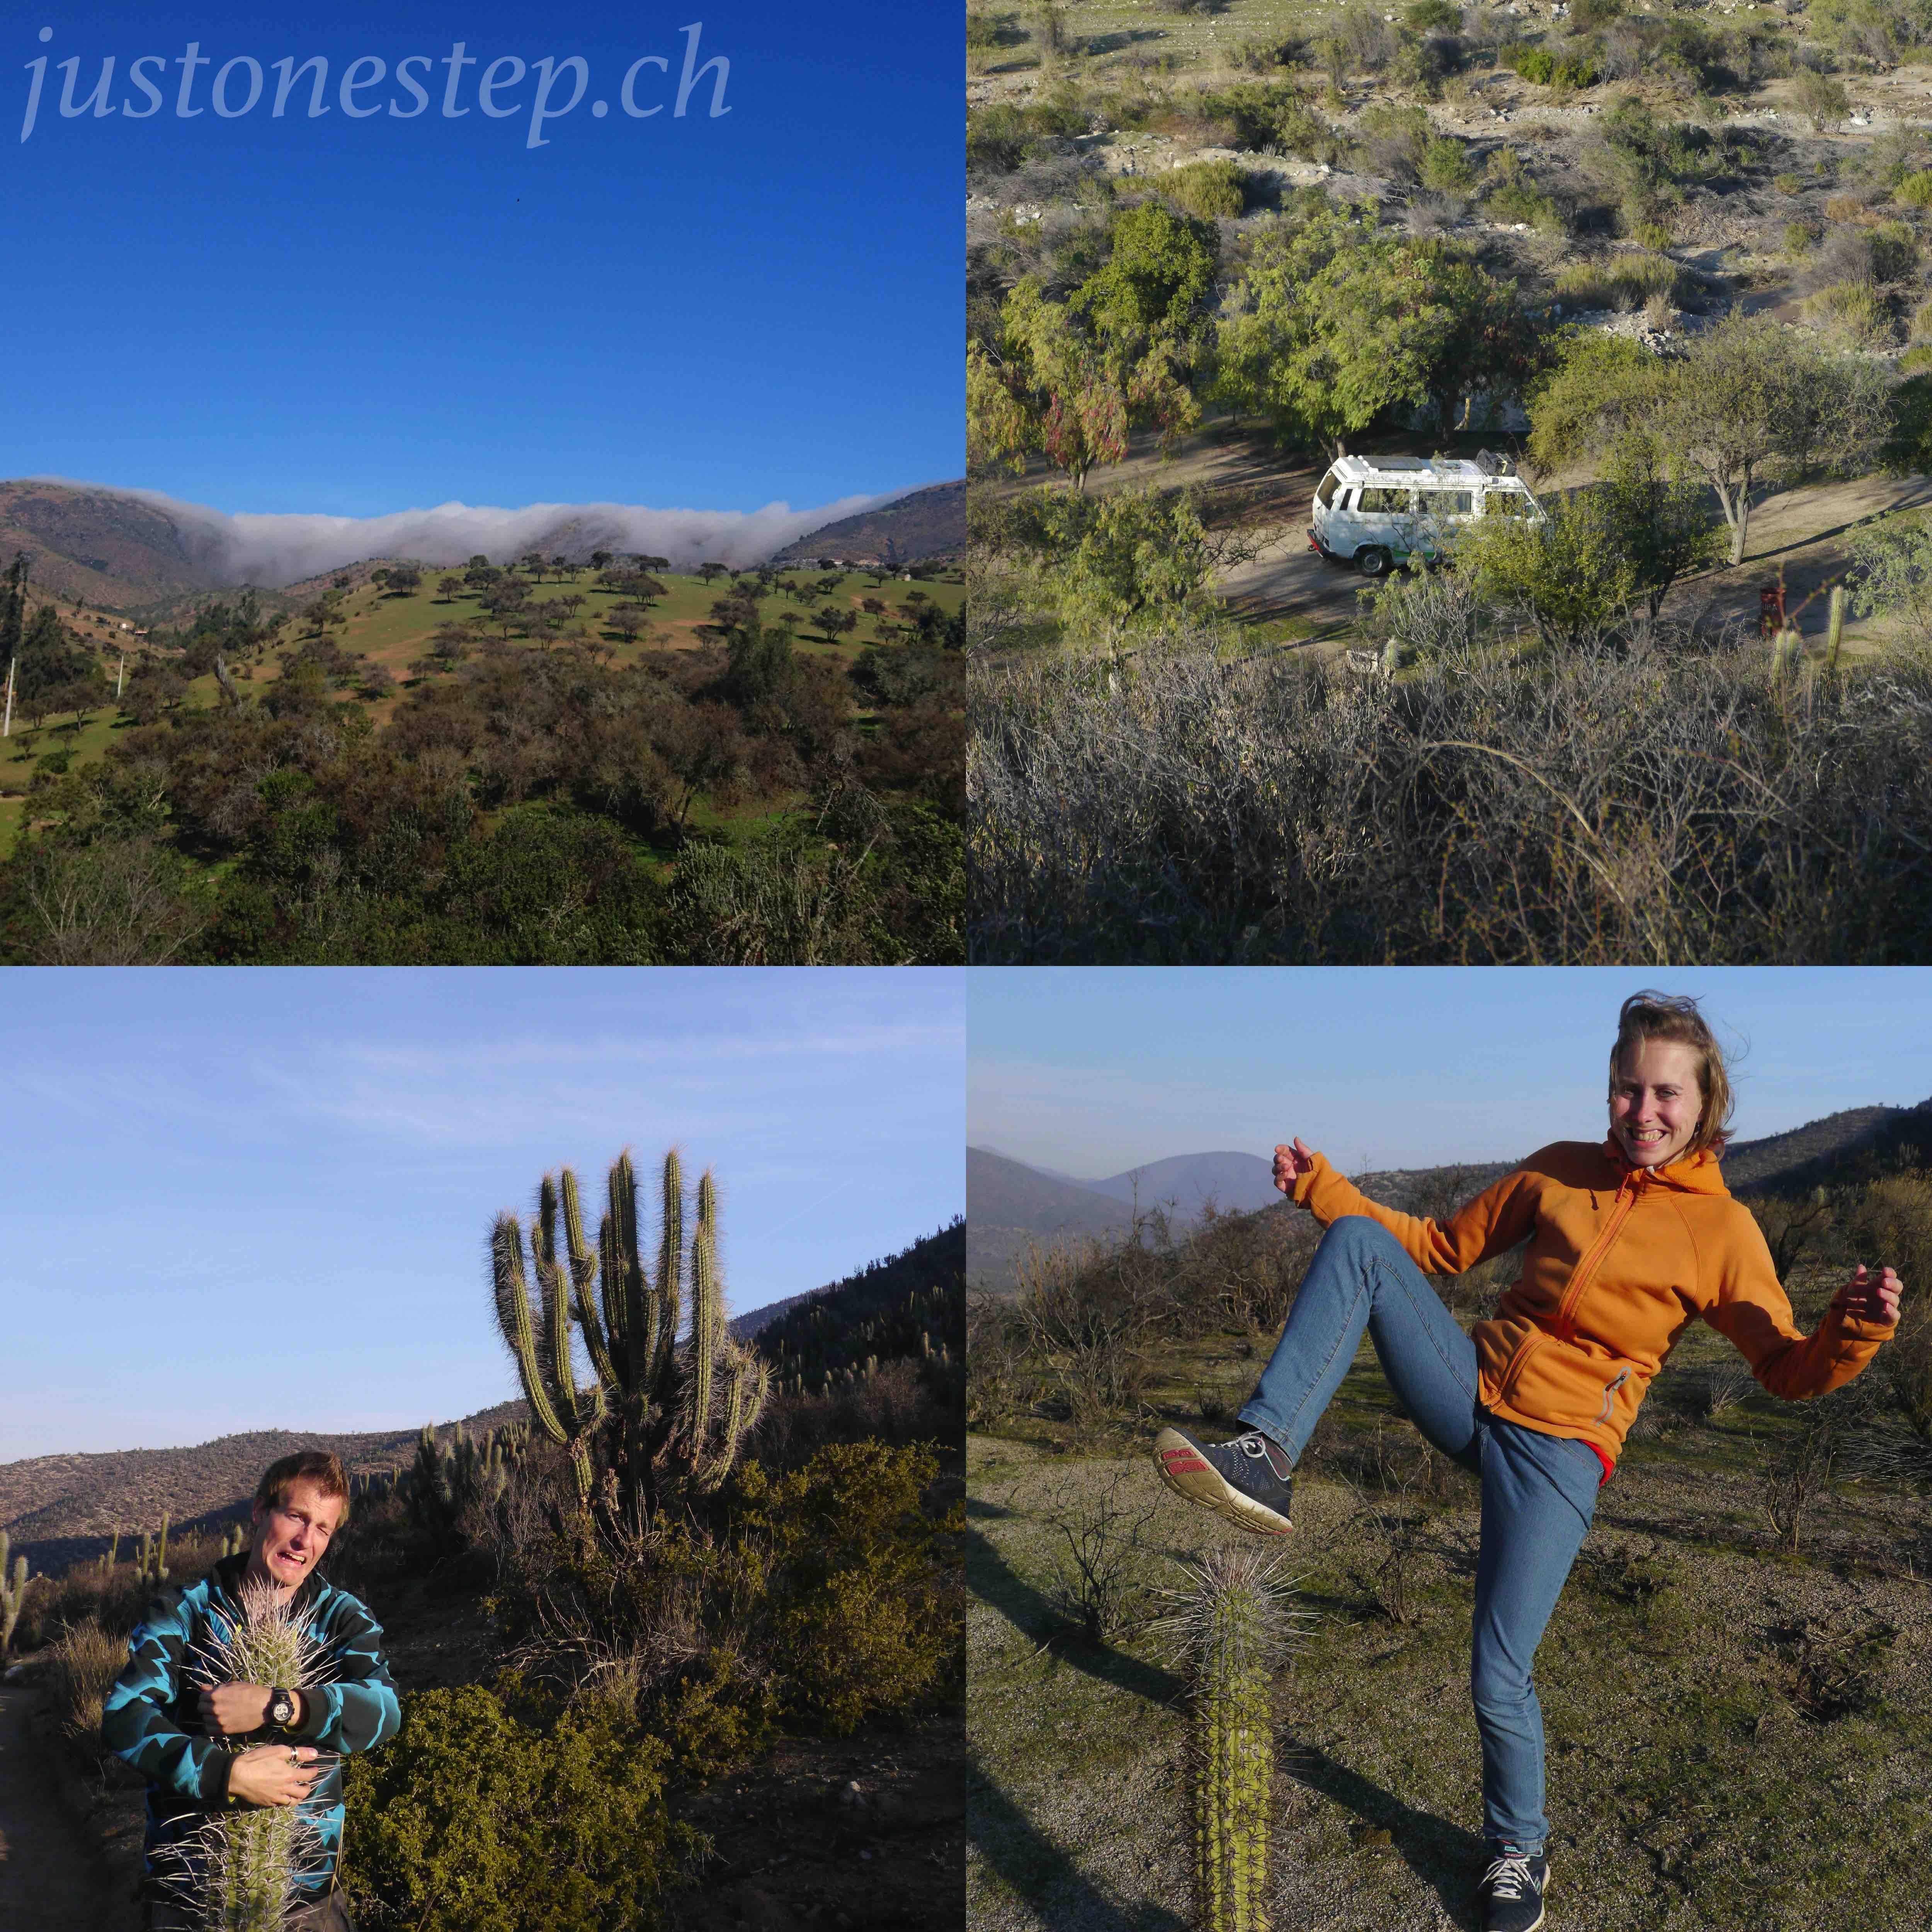 0030206illapel-reservanationallaschinchillas1jpeg